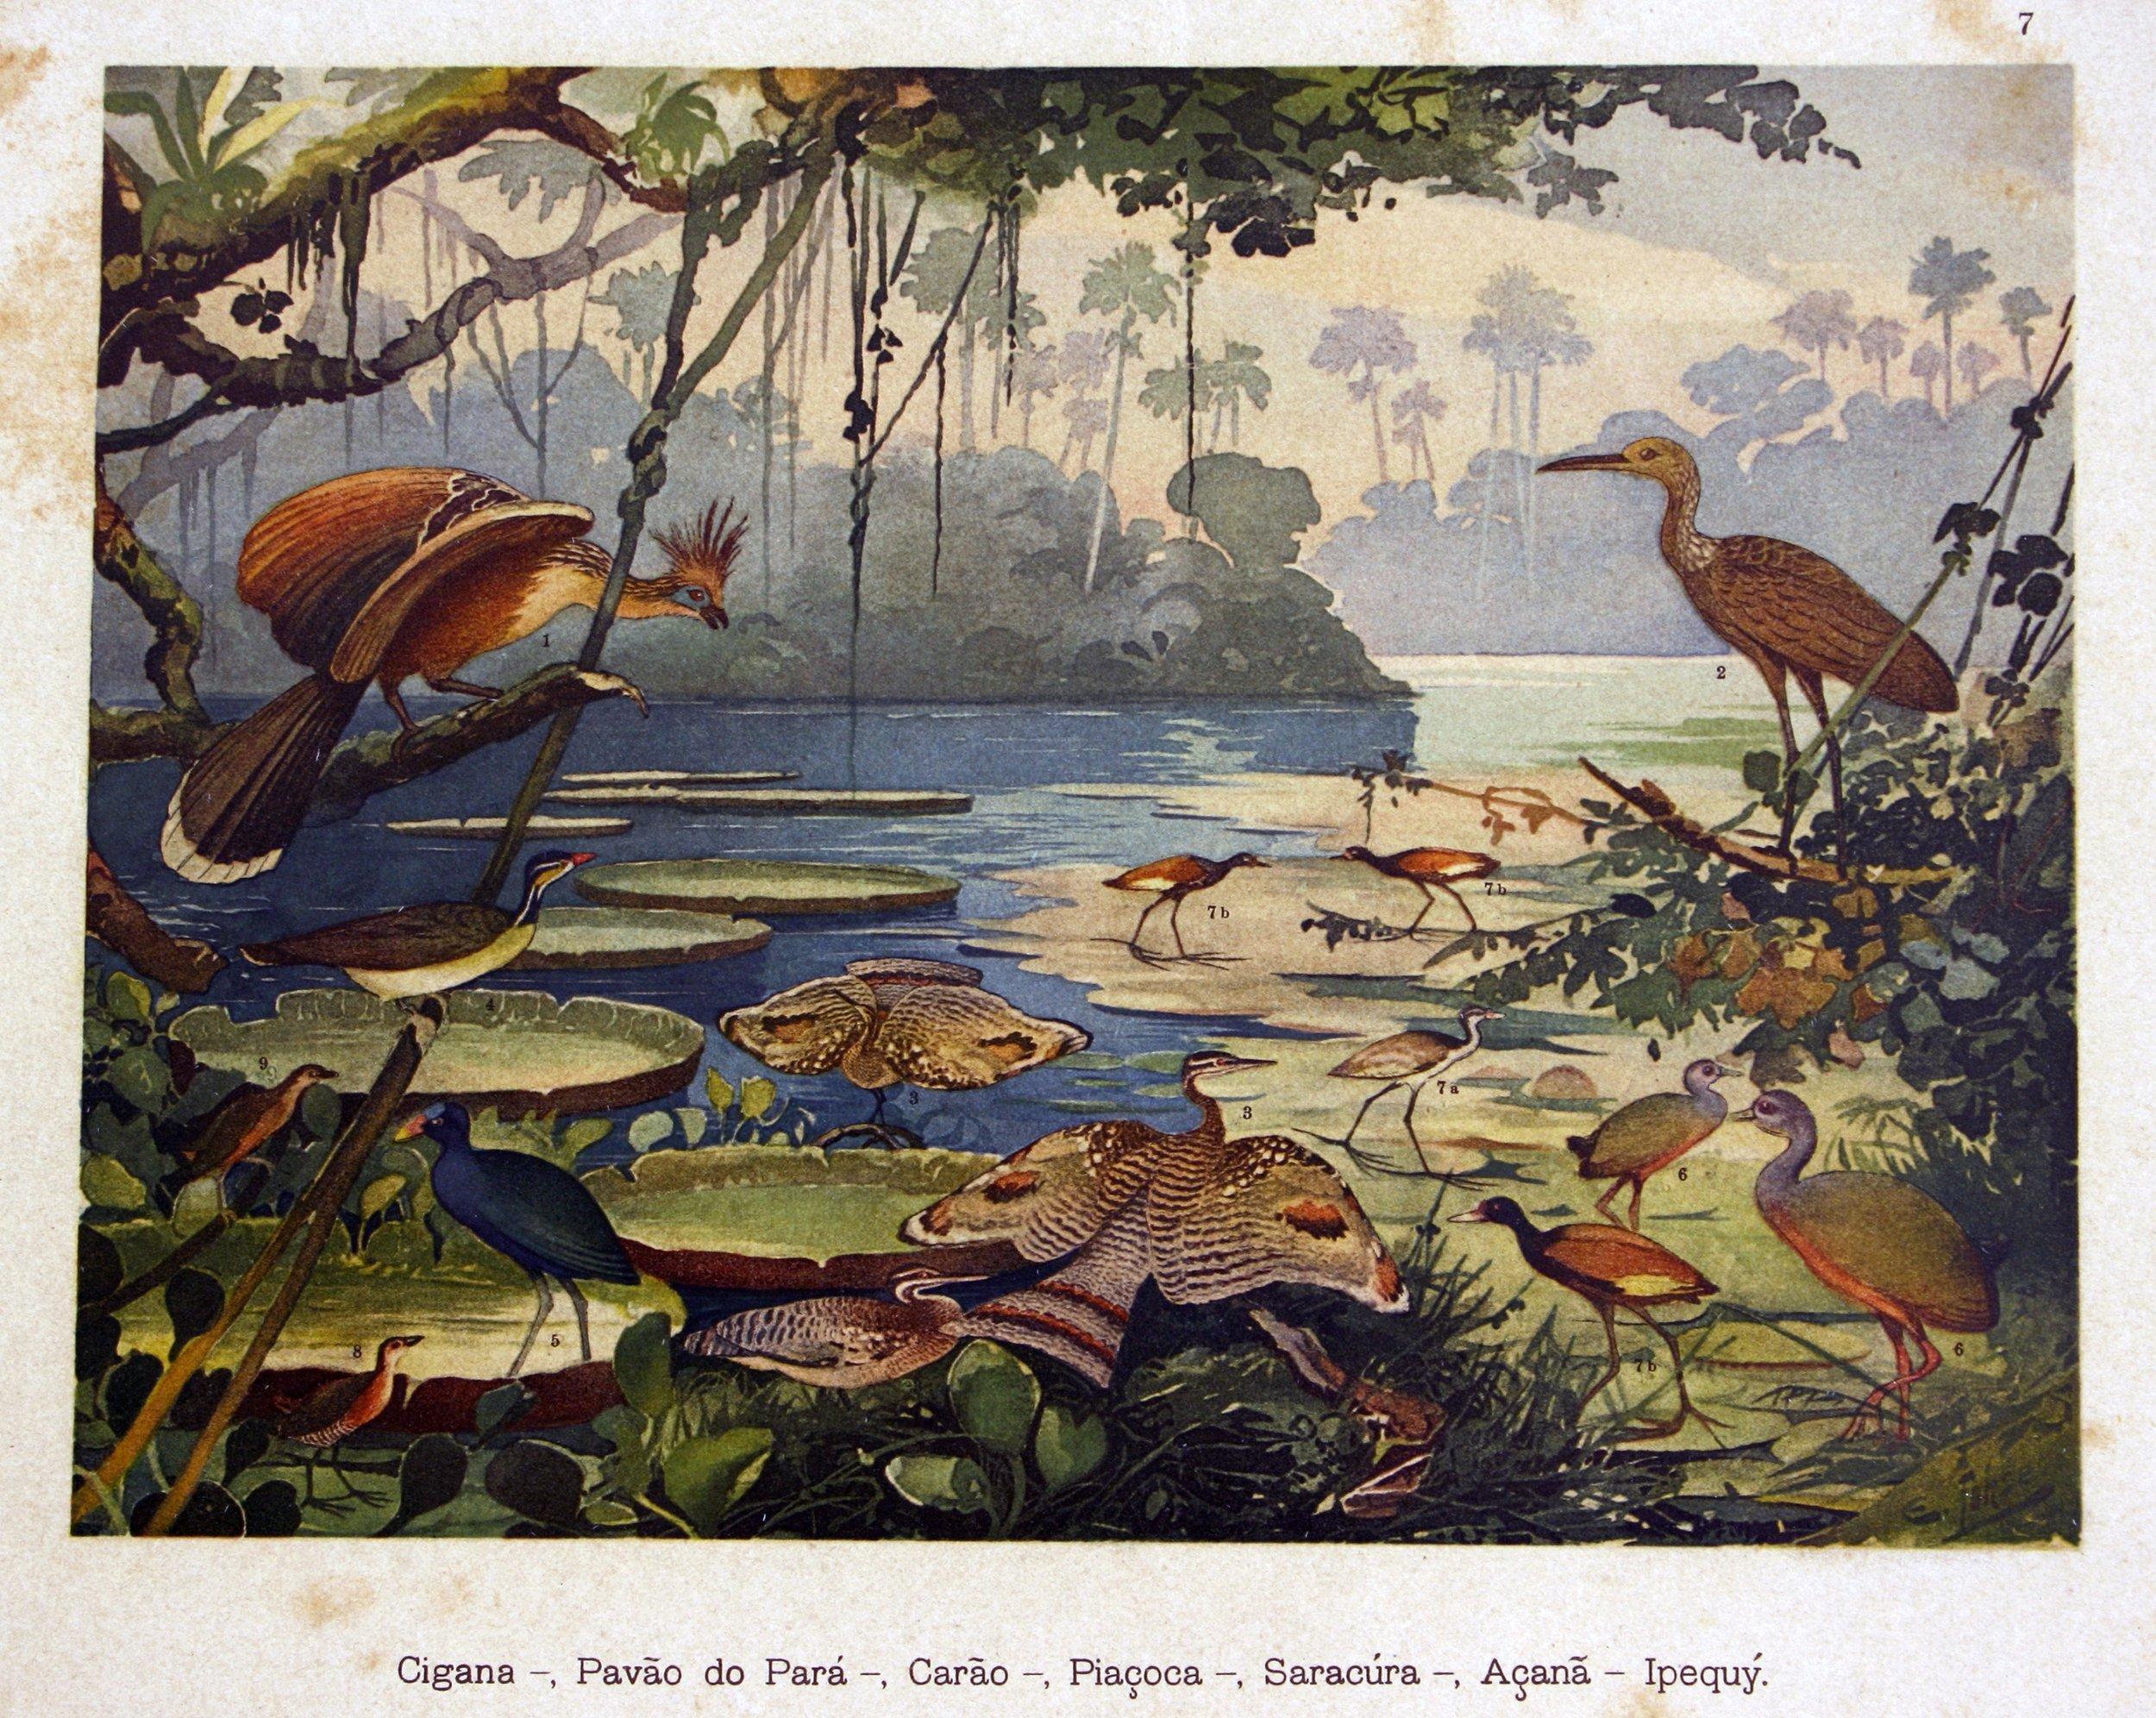 """Desenho de Ernst Lohse. Estampa 7 do """"Álbum de Aves Amazônicas"""", publicado por Emílio Goeldi, 1900 Acervo Museu Paraense Emílio Goeldi, Ministério da Ciência e Tecnologia, Governo do Brasil"""